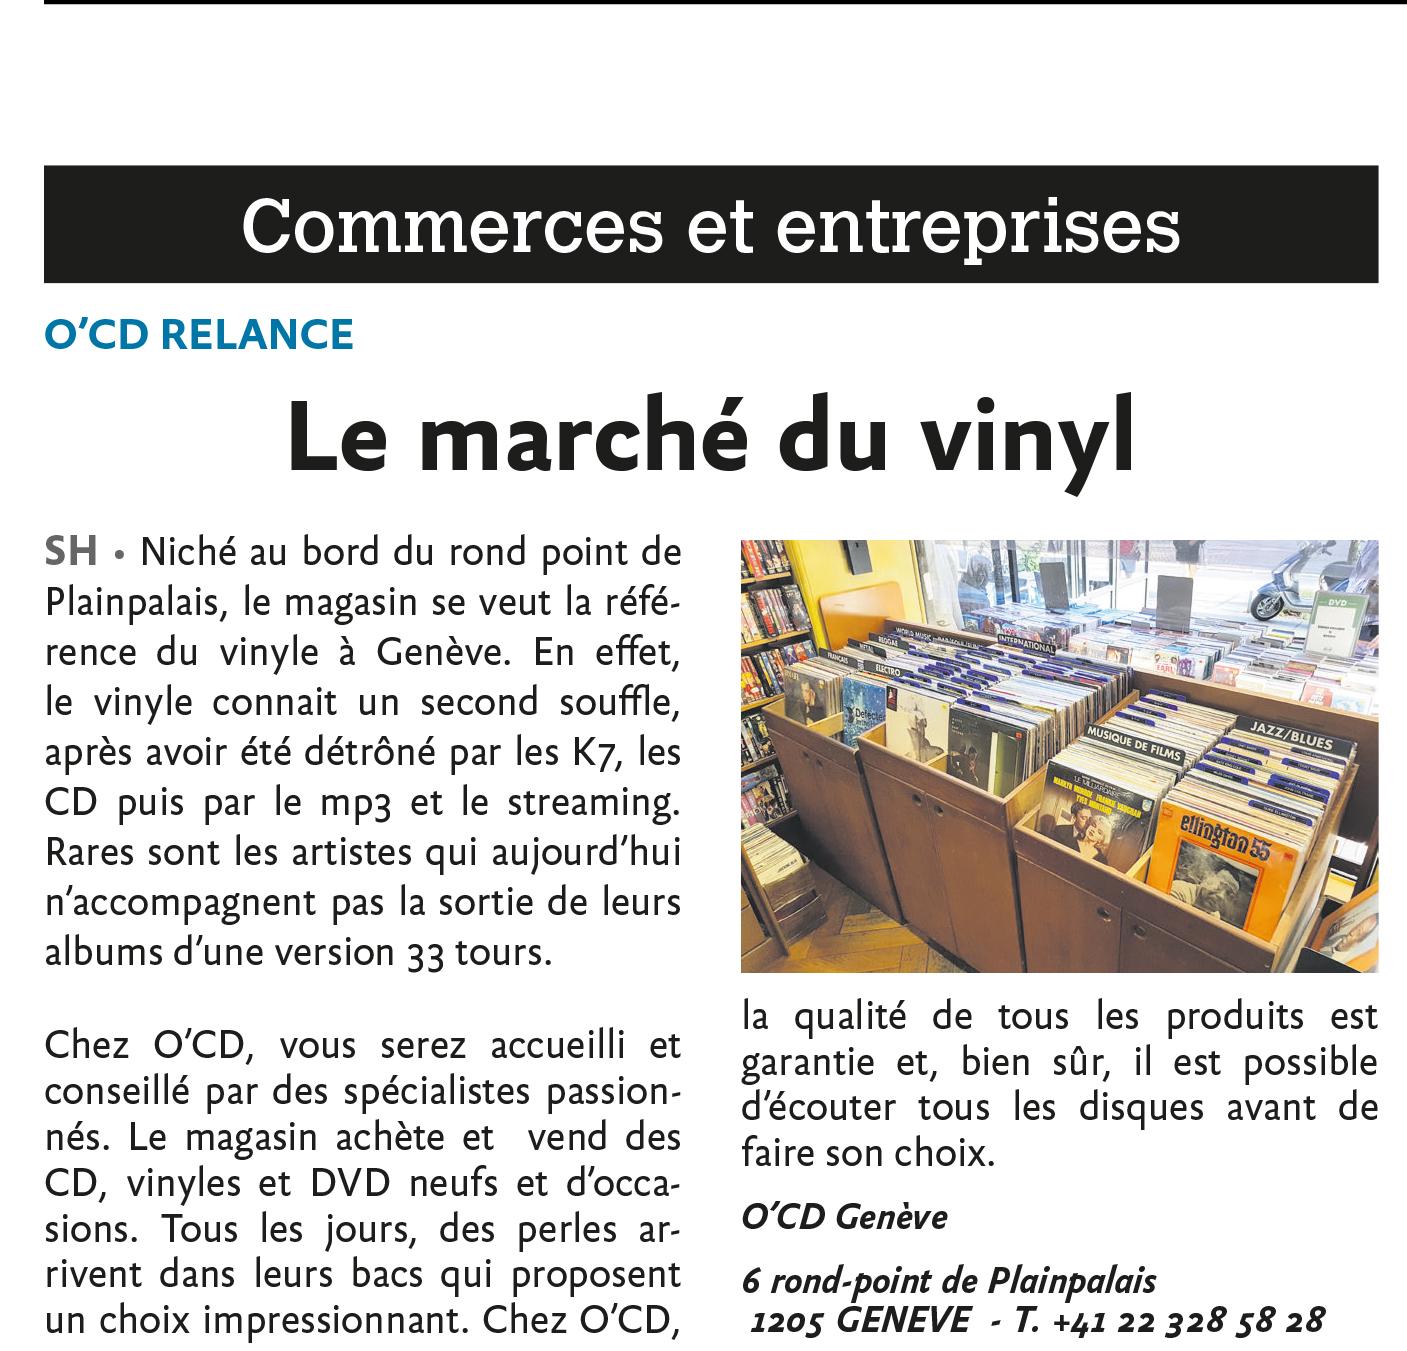 Le marché du vinyl OCD